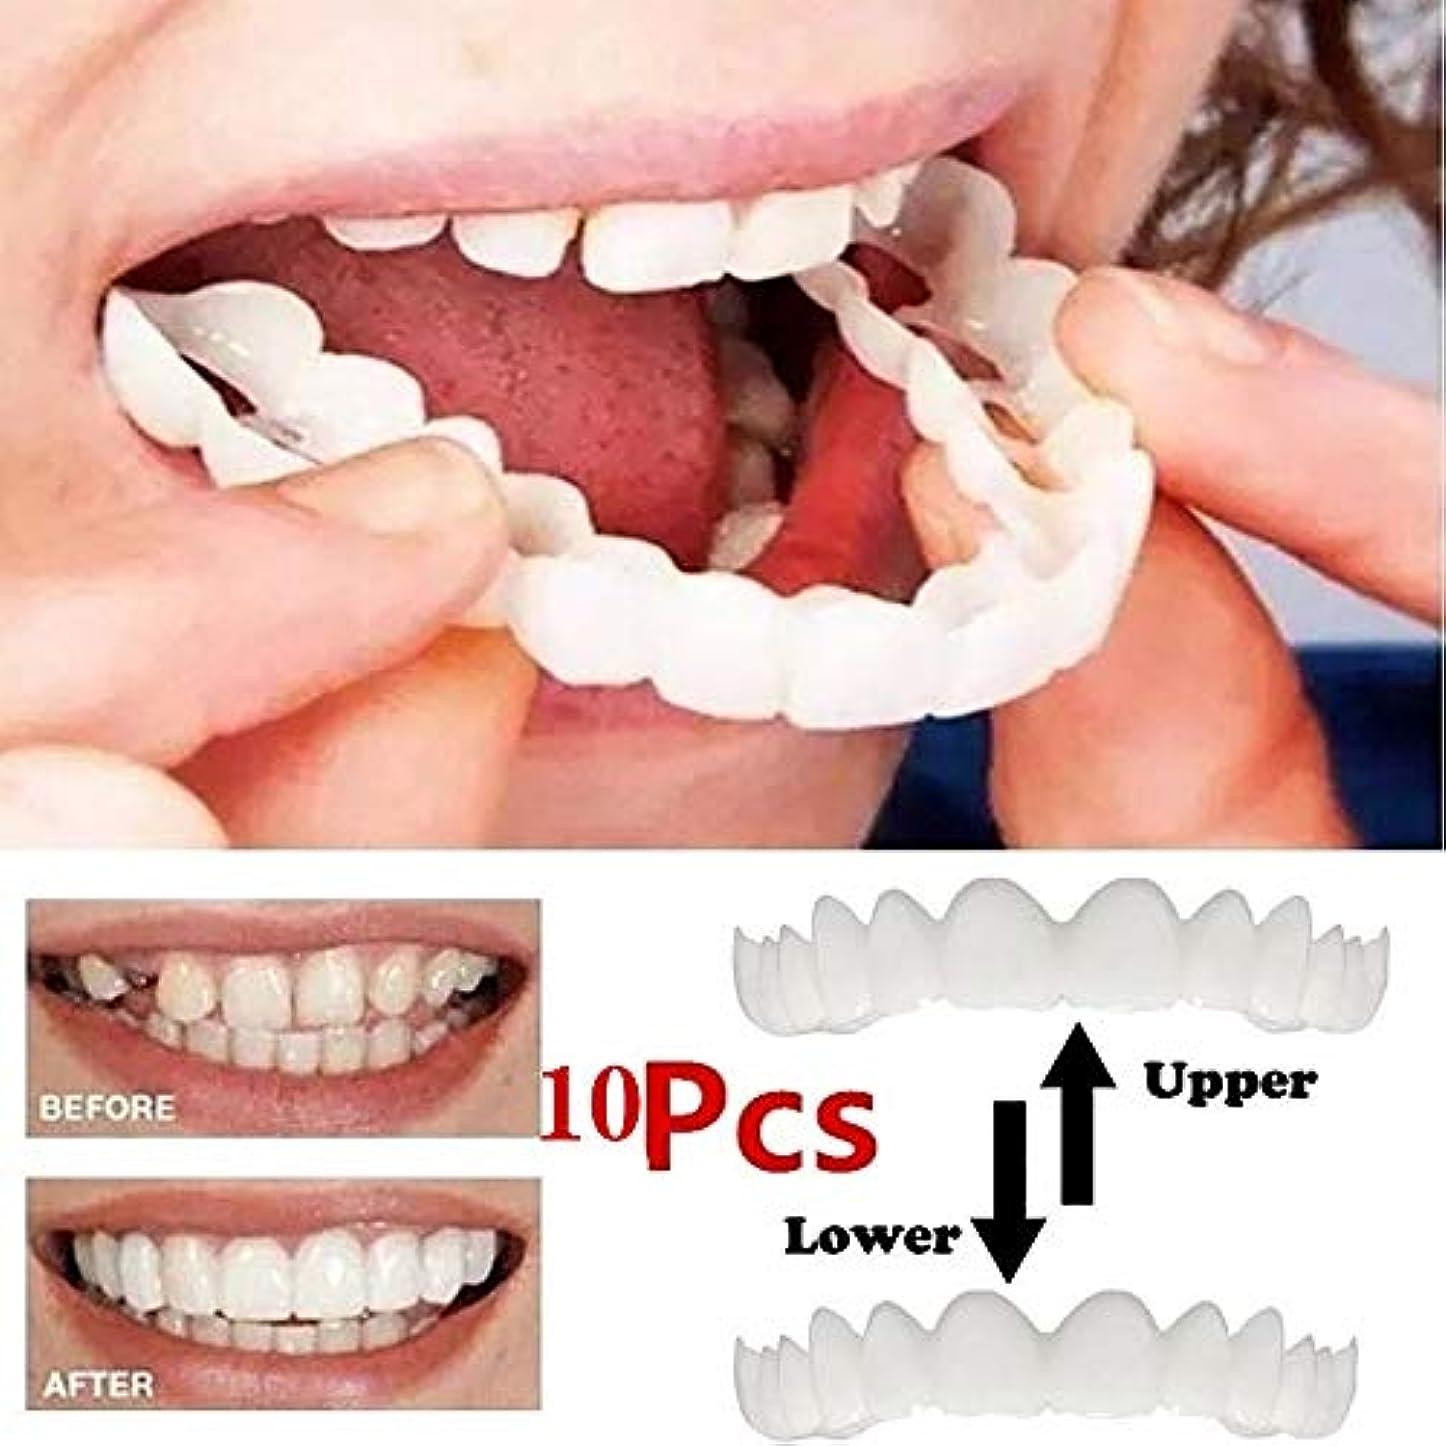 最愛の干ばつダイアクリティカルベニヤの歯、化粧品の歯5ペア - 一時的な笑顔の快適さフィットフレックス化粧品の歯、ワンサイズは最もフィットし、快適なトップとボトムベニア - 歯突き板